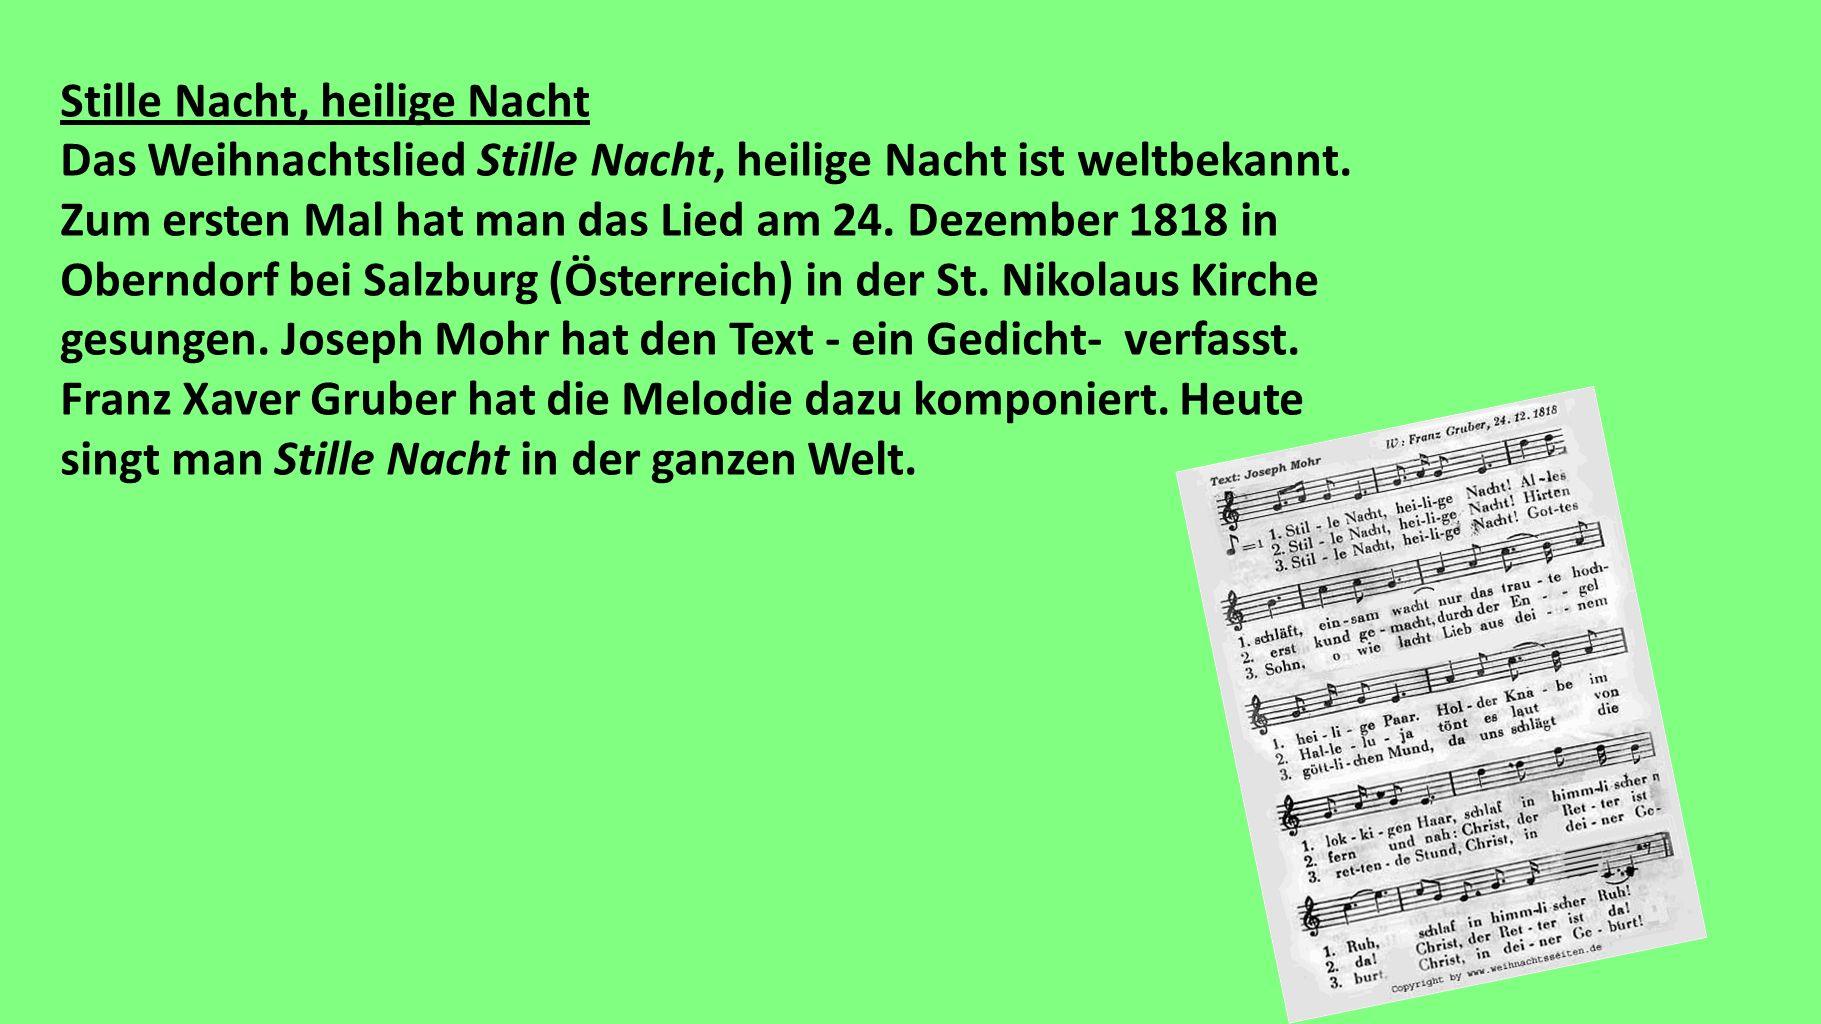 Stille Nacht, heilige Nacht Das Weihnachtslied Stille Nacht, heilige Nacht ist weltbekannt.